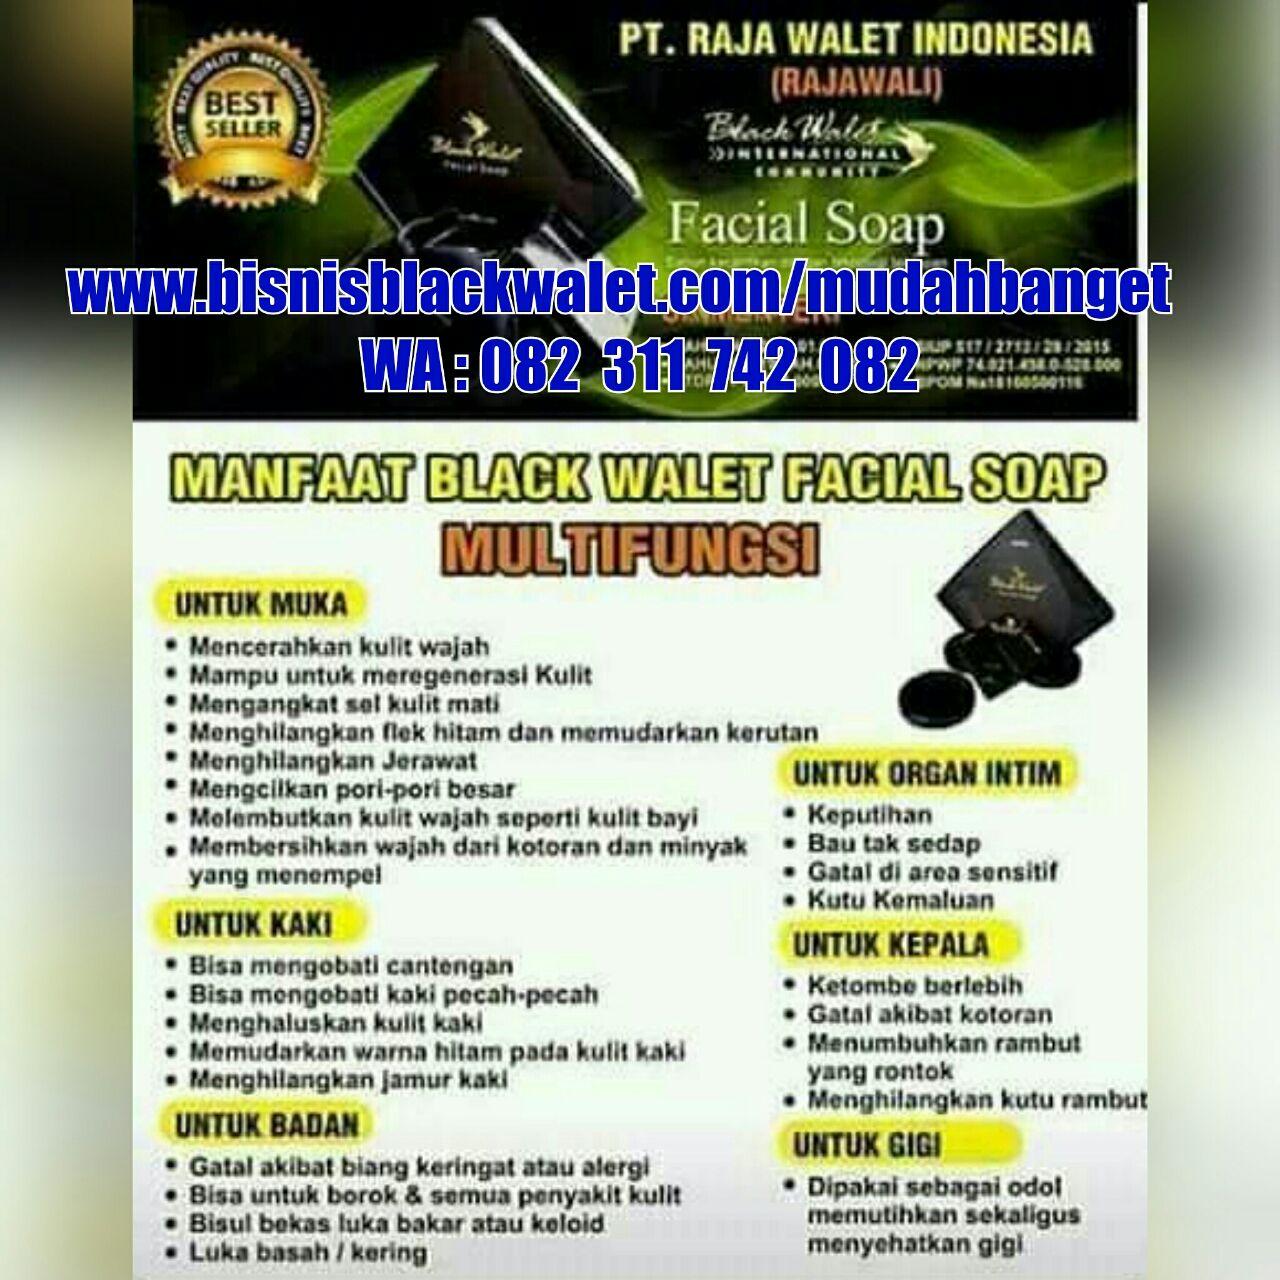 Sabun Blackwalet Sukoharjo Jawa Tengah Hp 082 311 742 Muka Black Walet Basahi Wajah Kemudian Usapkan Facial Soap Secukupnya Hingga Berbusa Dan Gosok Perlahan Kulit Anda Secara Merata Dengan Gerakan Memutar